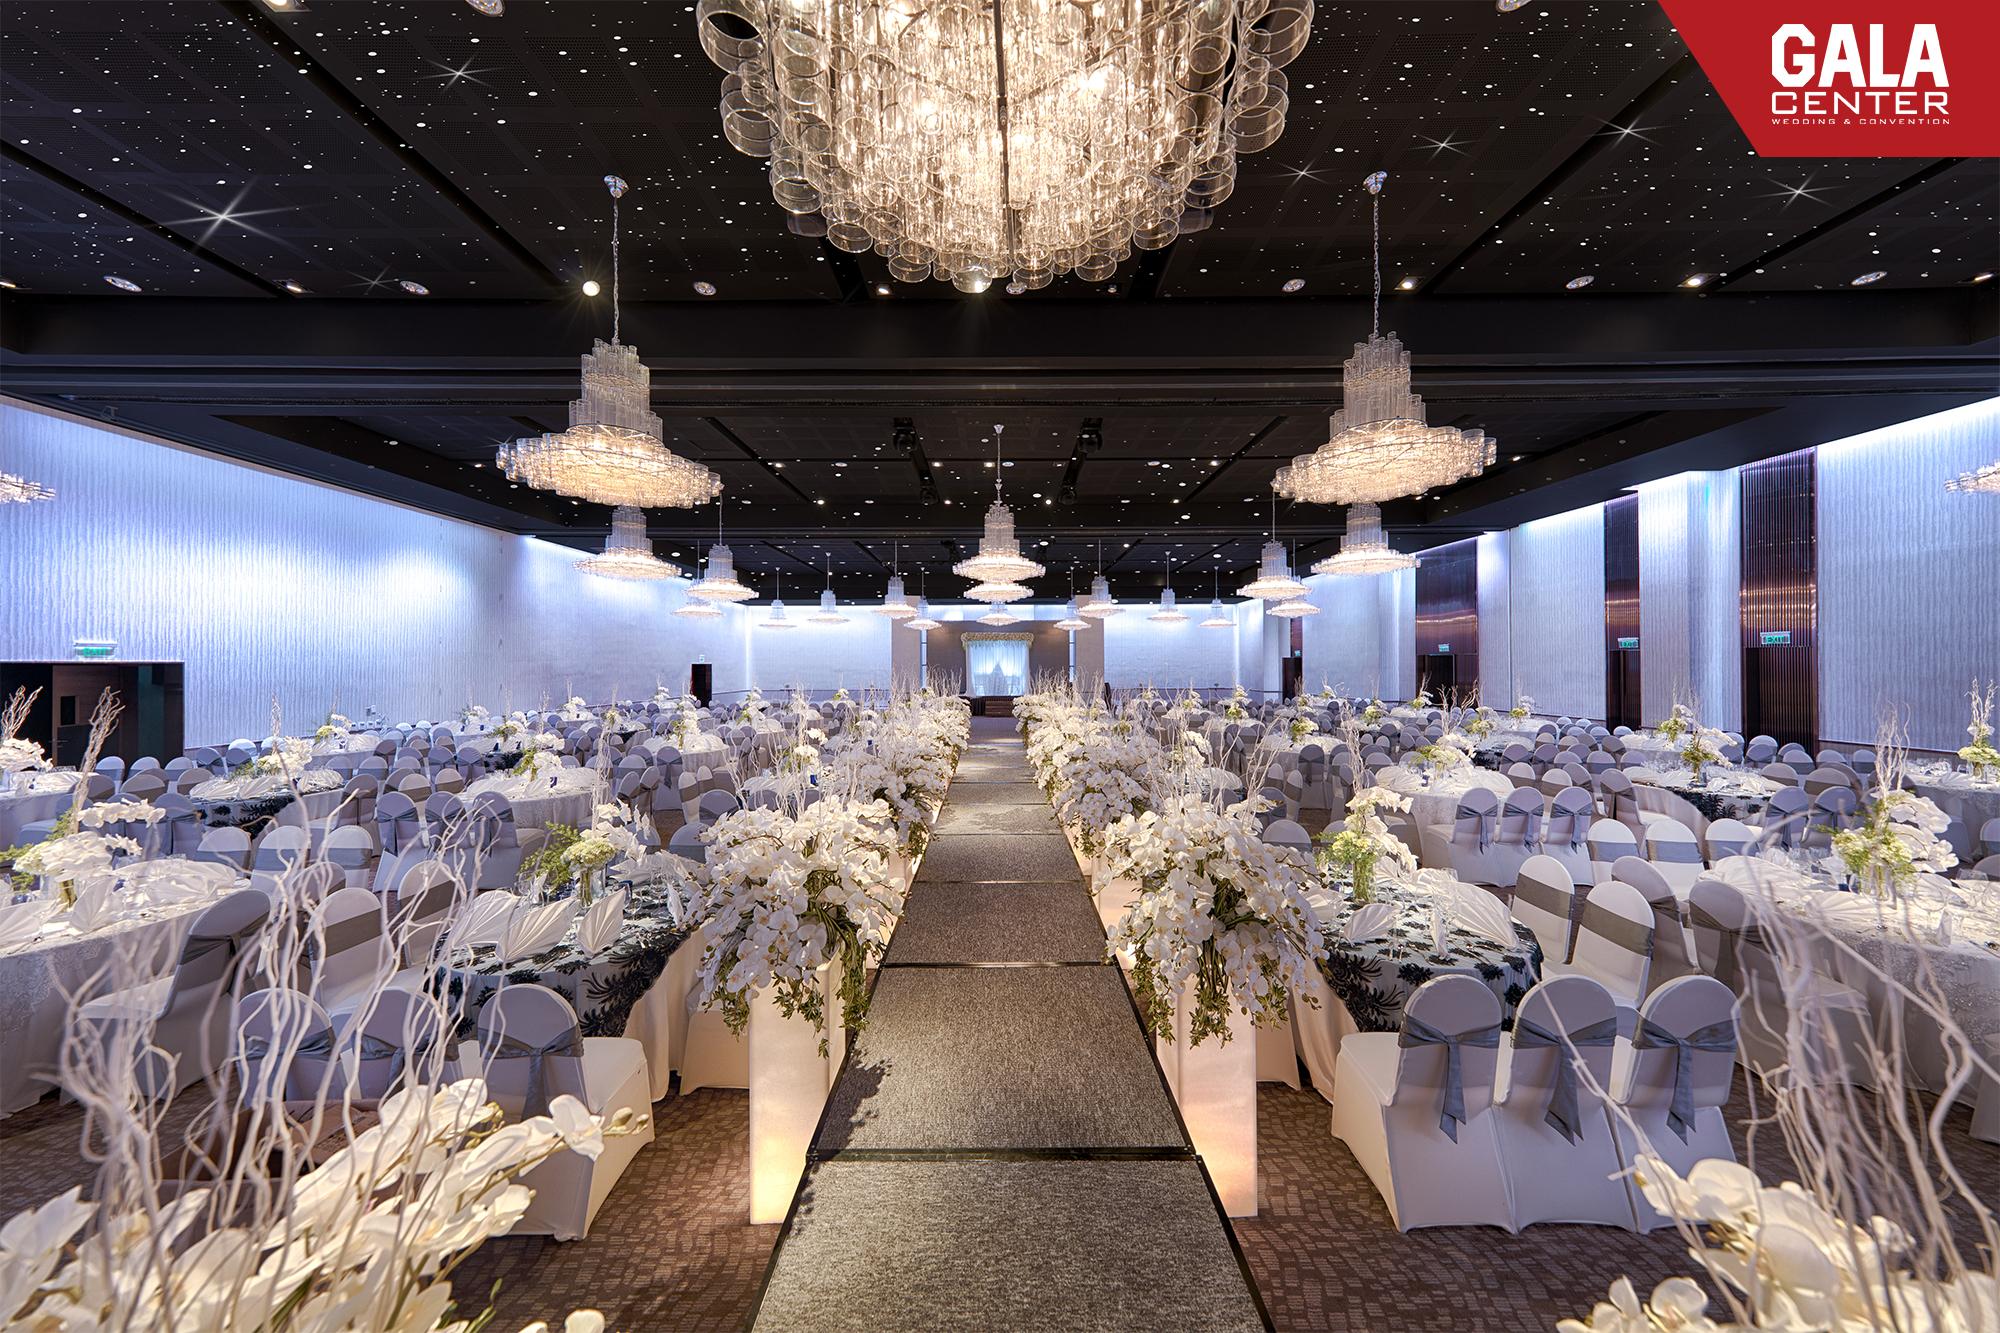 tiệc cưới gala center